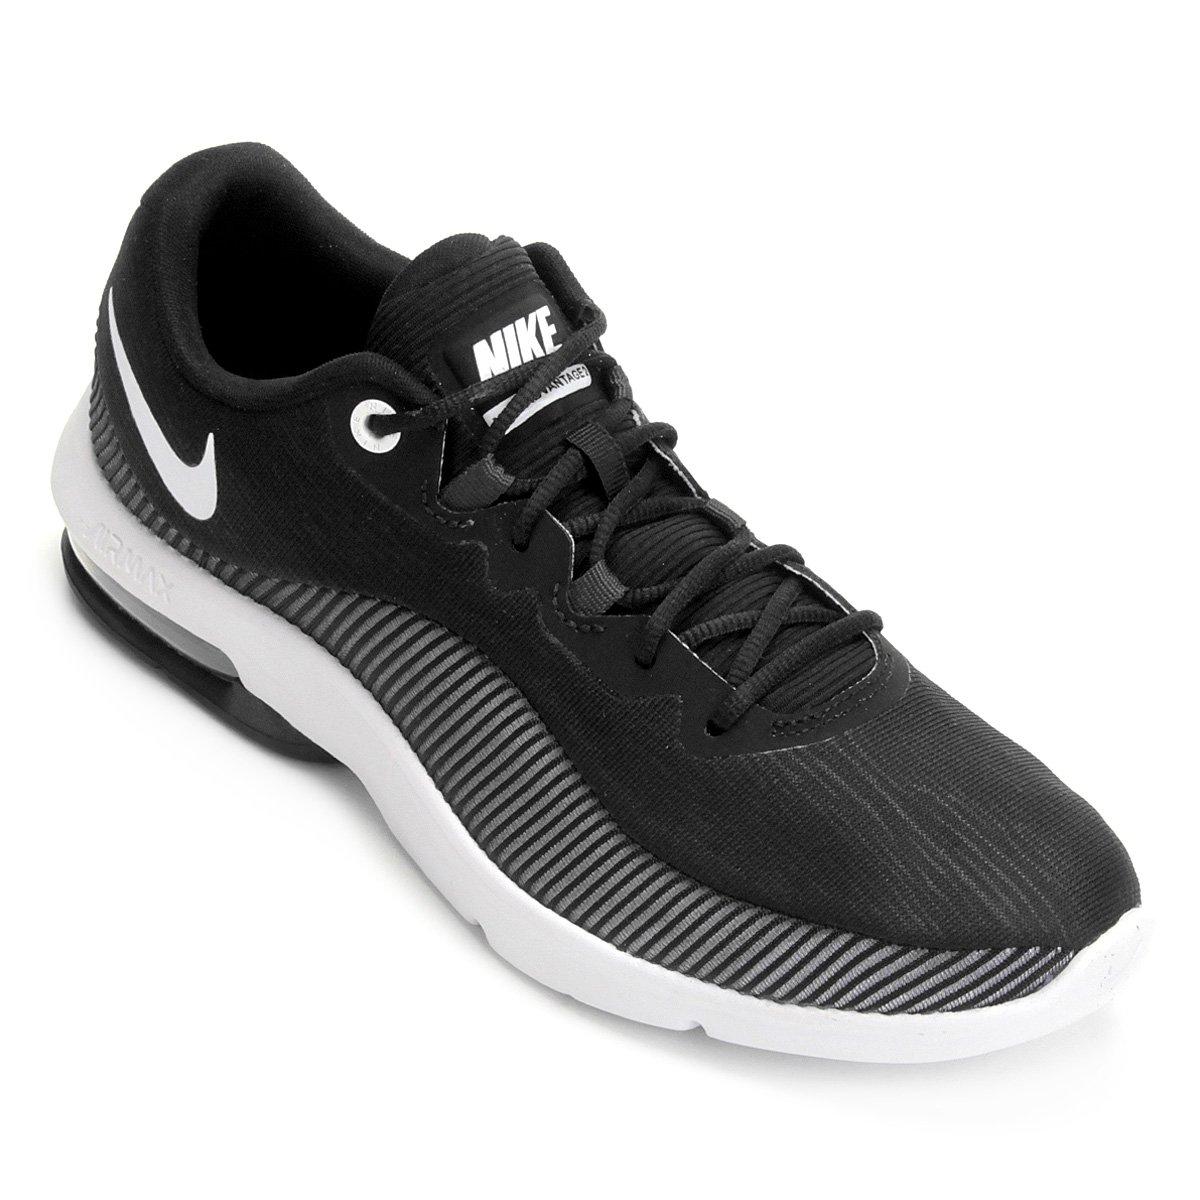 528f09f6e8f Tênis Nike Air Max Advantage 2 Feminino - Preto e Branco -  Compre . f85c303a11156